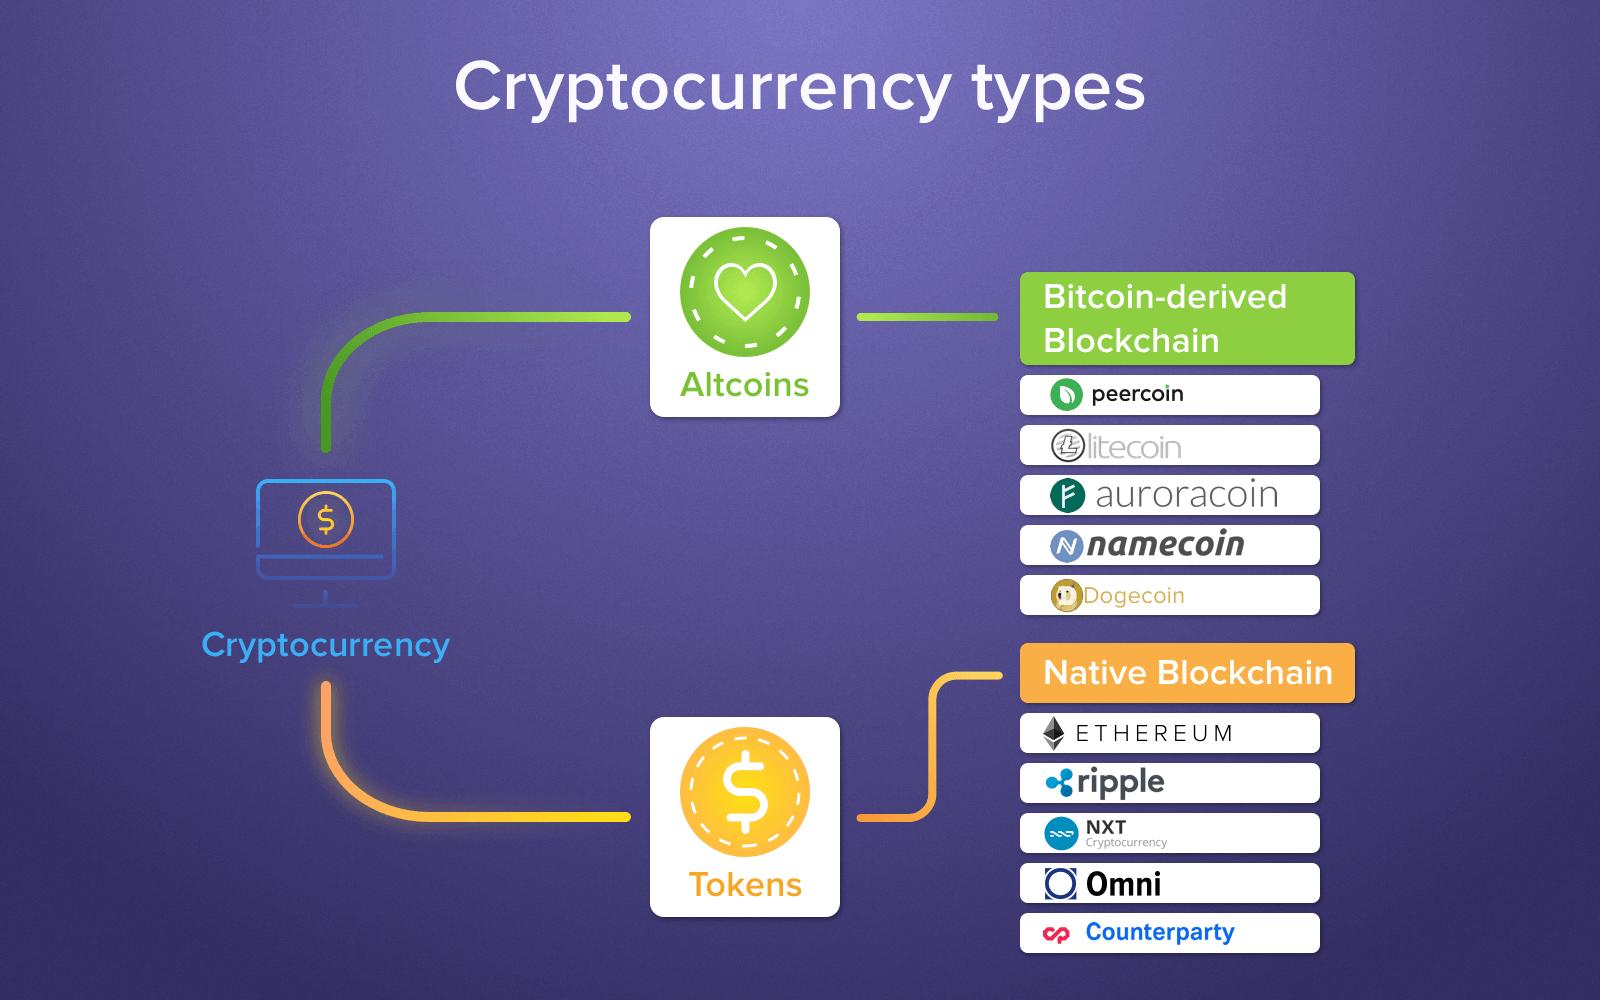 kaip prekiauti bitcoin už altcoins